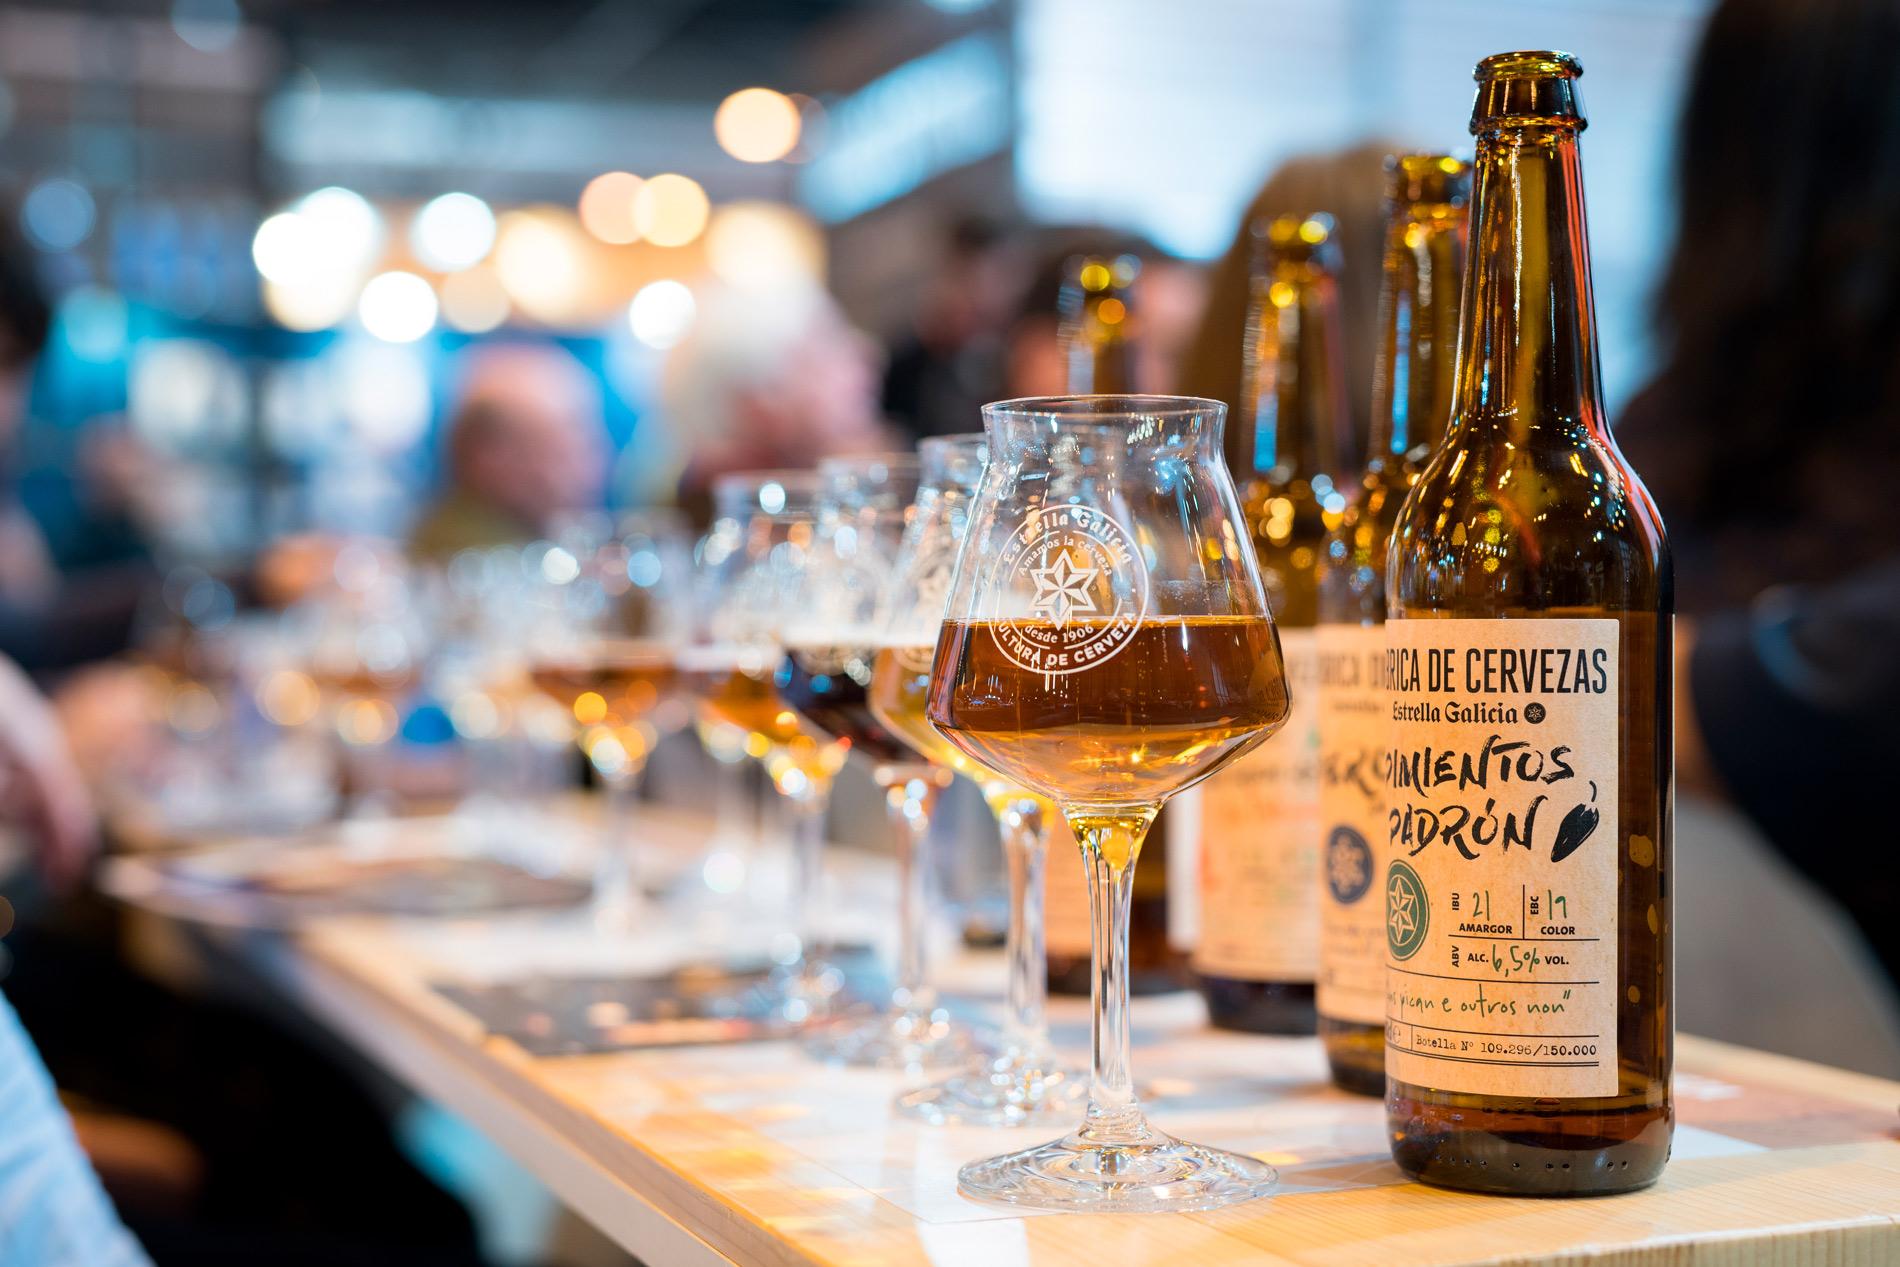 Cata de cervezas en el Salón Gourmets, by Estrella Galicia